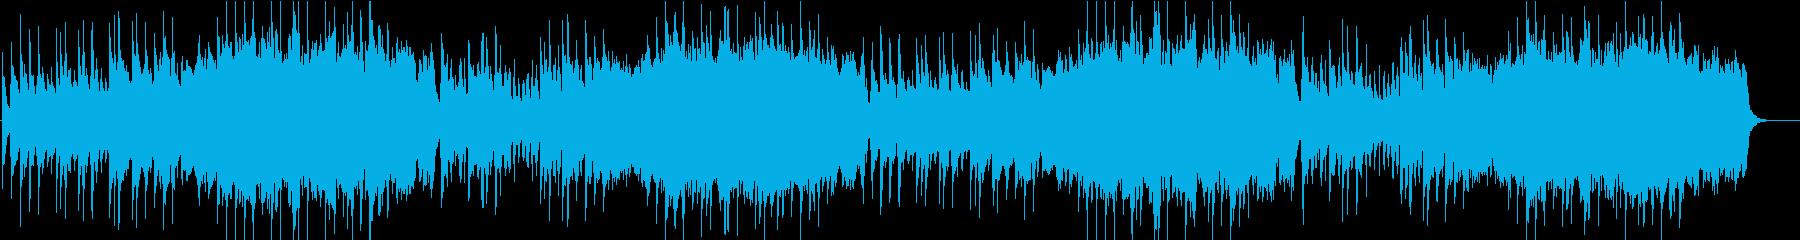 峠の我が家オルゴールオーケストラverの再生済みの波形